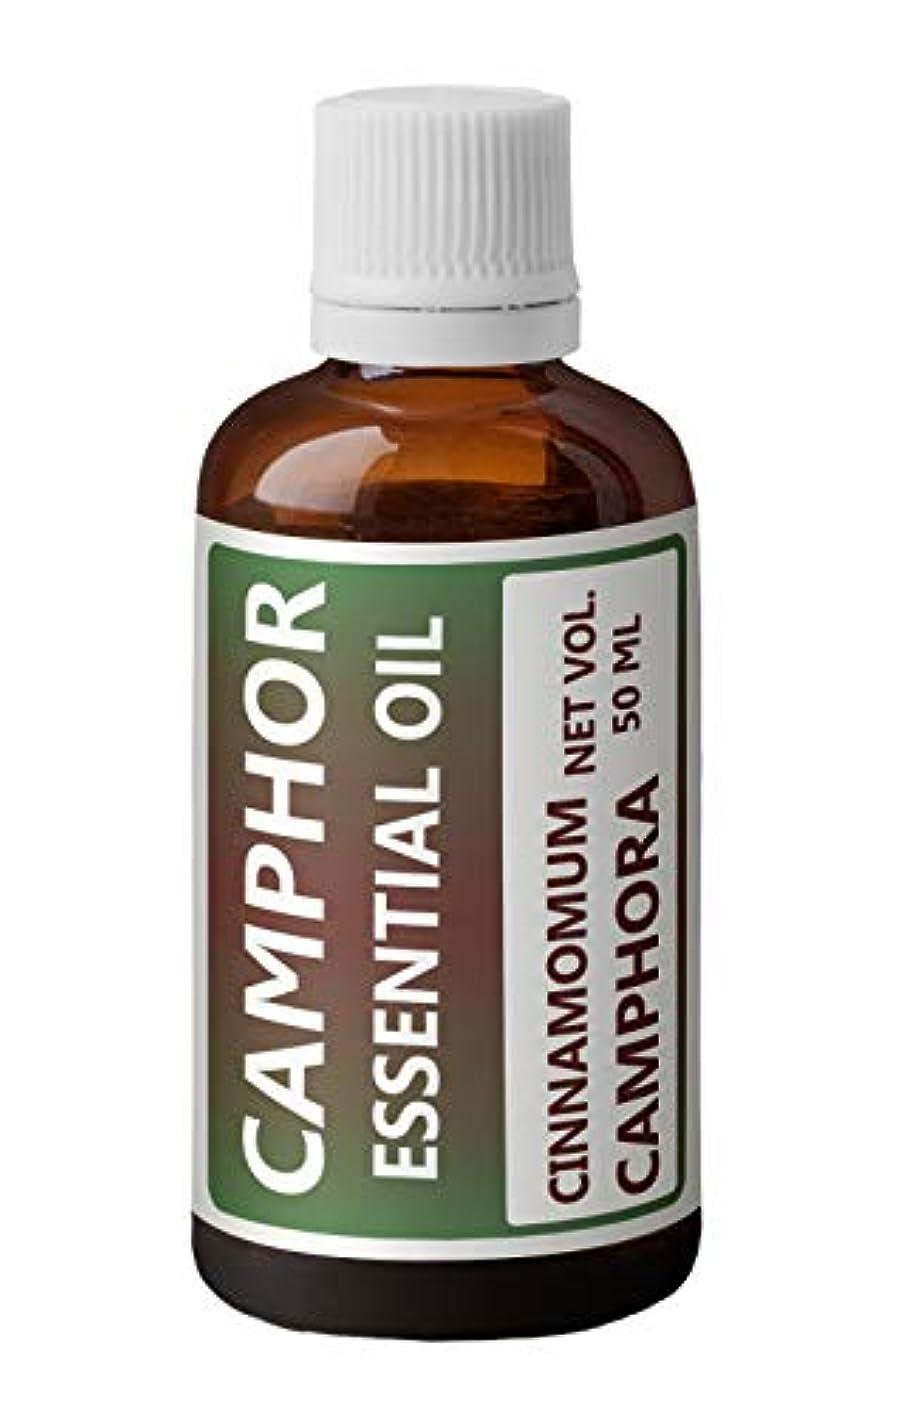 マダム賢明な露骨なHeilen Biopharm樟脳精油(Cinnamomum camphora)(15 ml) (050ミリリットル)